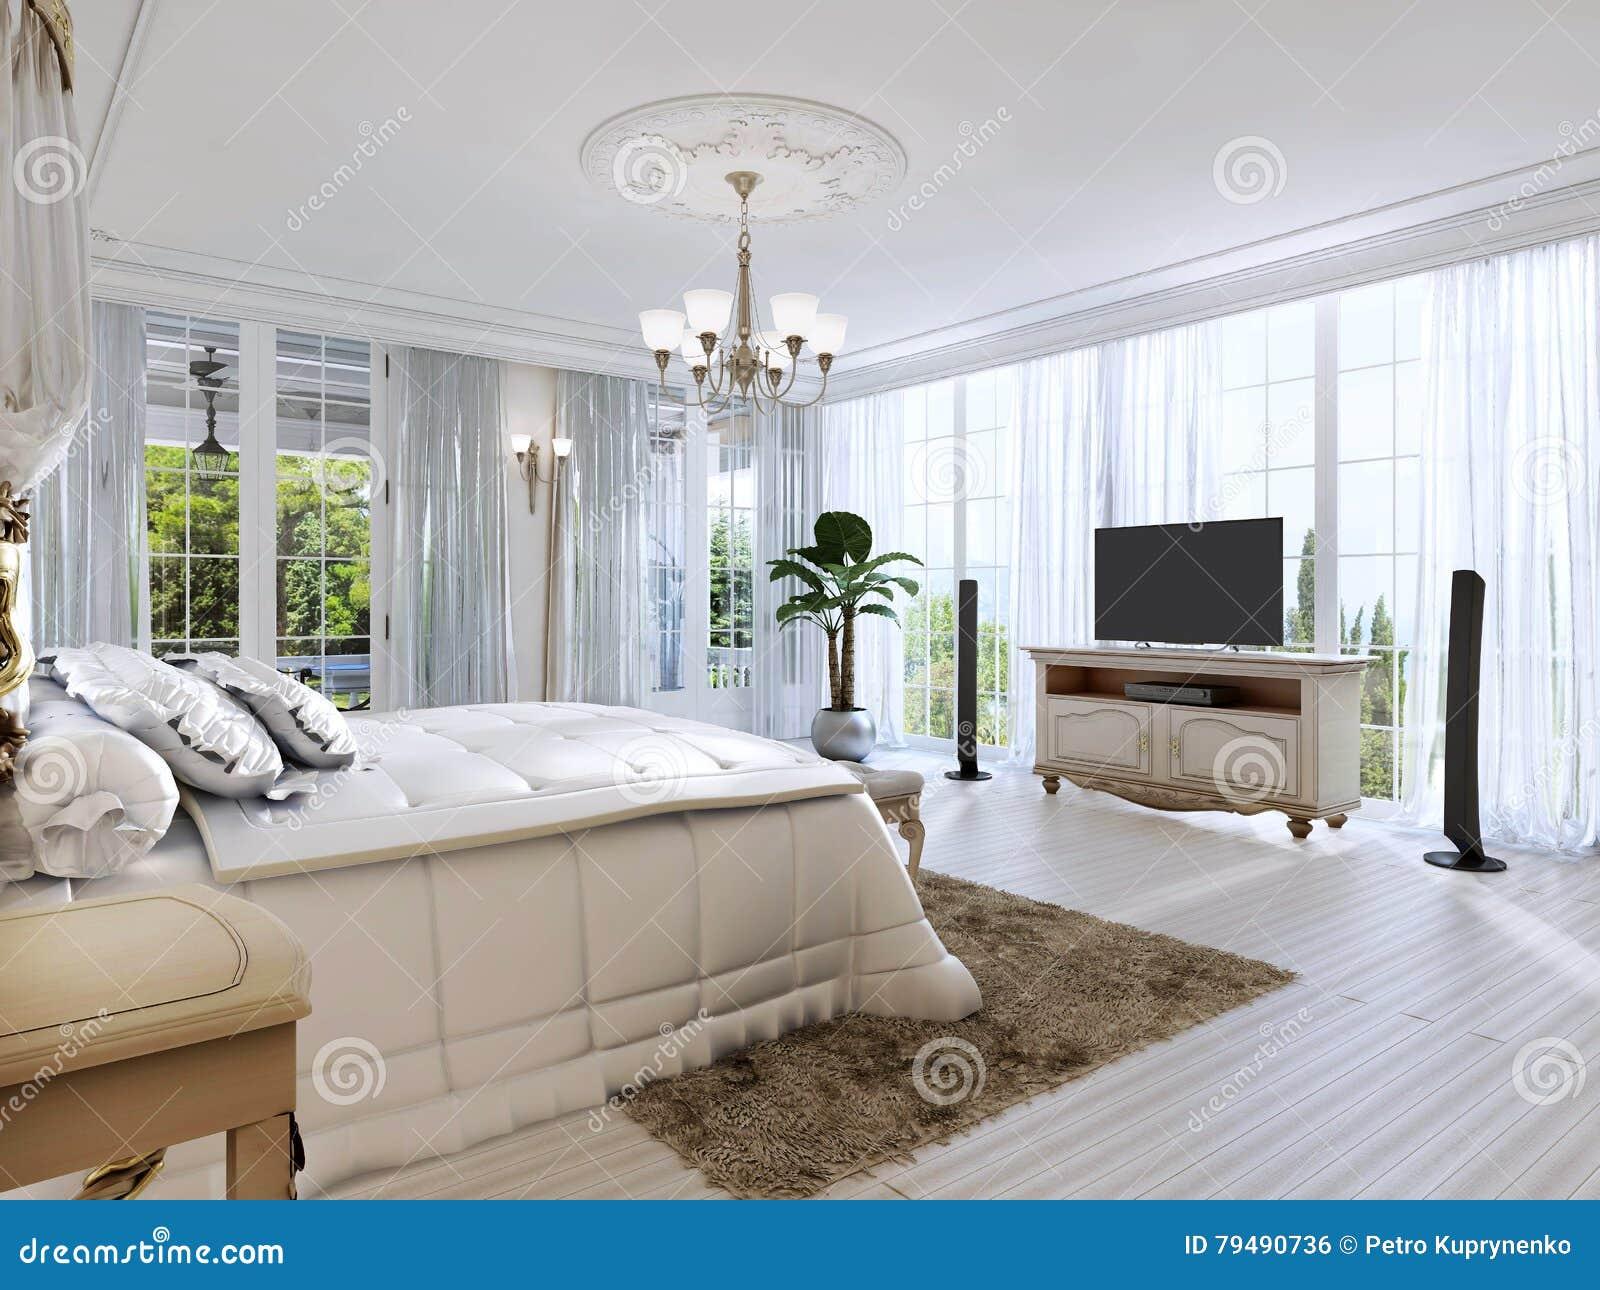 Stanze Da Letto Bellissime : Grande camera da letto con windows panoramico e le belle viste